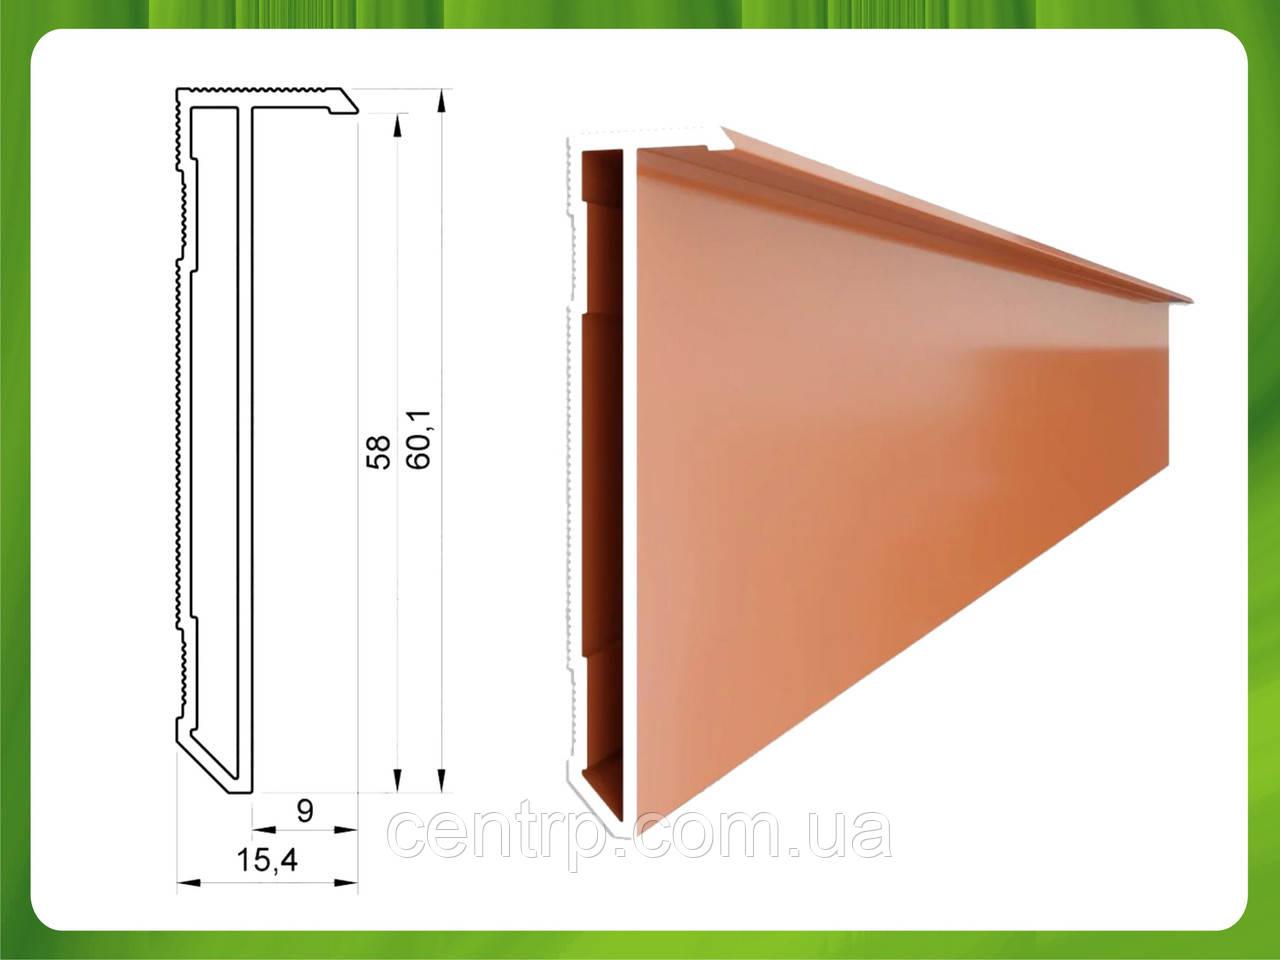 Алюминиевый плинтус скрытого монтажа S 58 мм  (крашенный)